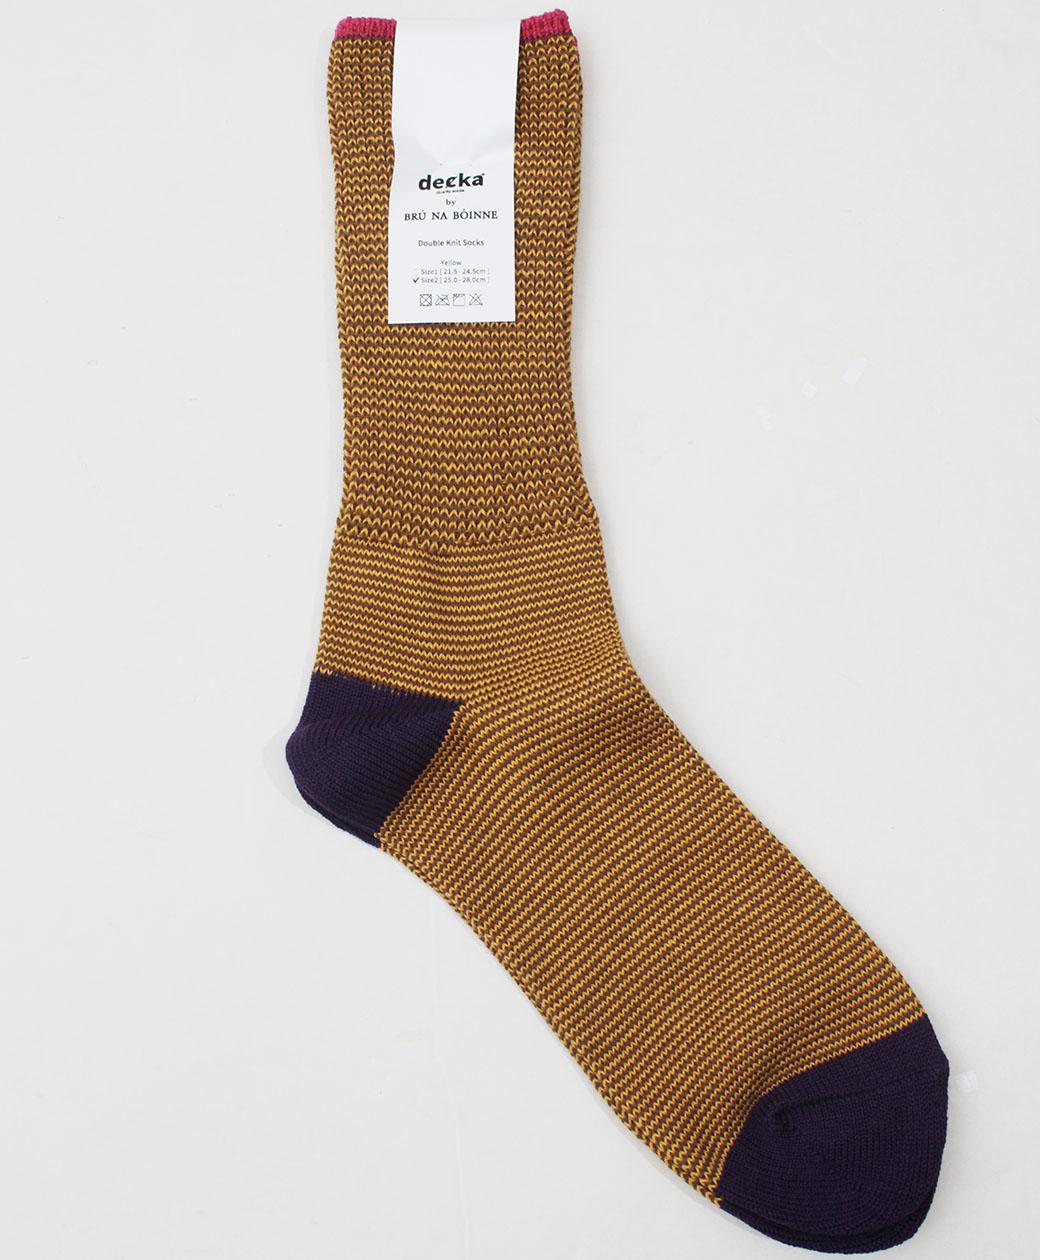 BRU NA BOINNE Double Knit Socks(YELLOW)